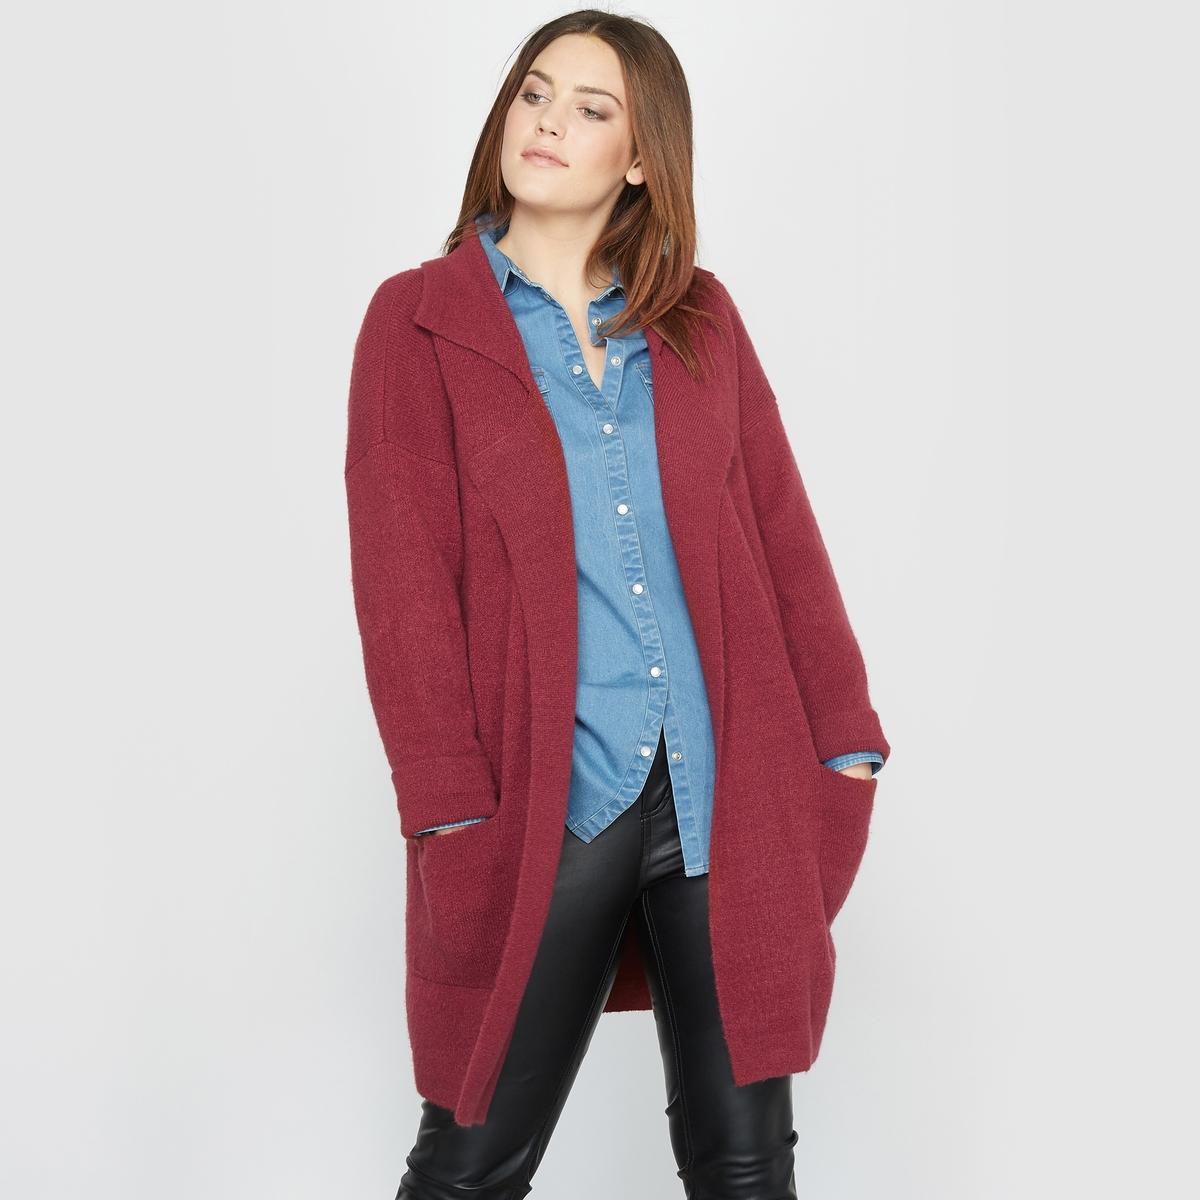 КардиганКардиган. Длинный кардиган-пальто, его можно носить как пальто ранней весной.Пиджачный воротник. Приспущенные проймы.Отвороты на рукавах. 2 накладных кармана. Состав и описание :Материал : очень мягкий трикотаж 73% акрила, 24% полиамида, 3% эластана.Длина : 85 см.Марка : CASTALUNA.Уход :Машинная стирка при 30 °C в деликатном режиме (использовать мешок-сетку, гладить с изнаночной стороны).<br><br>Цвет: коньячный